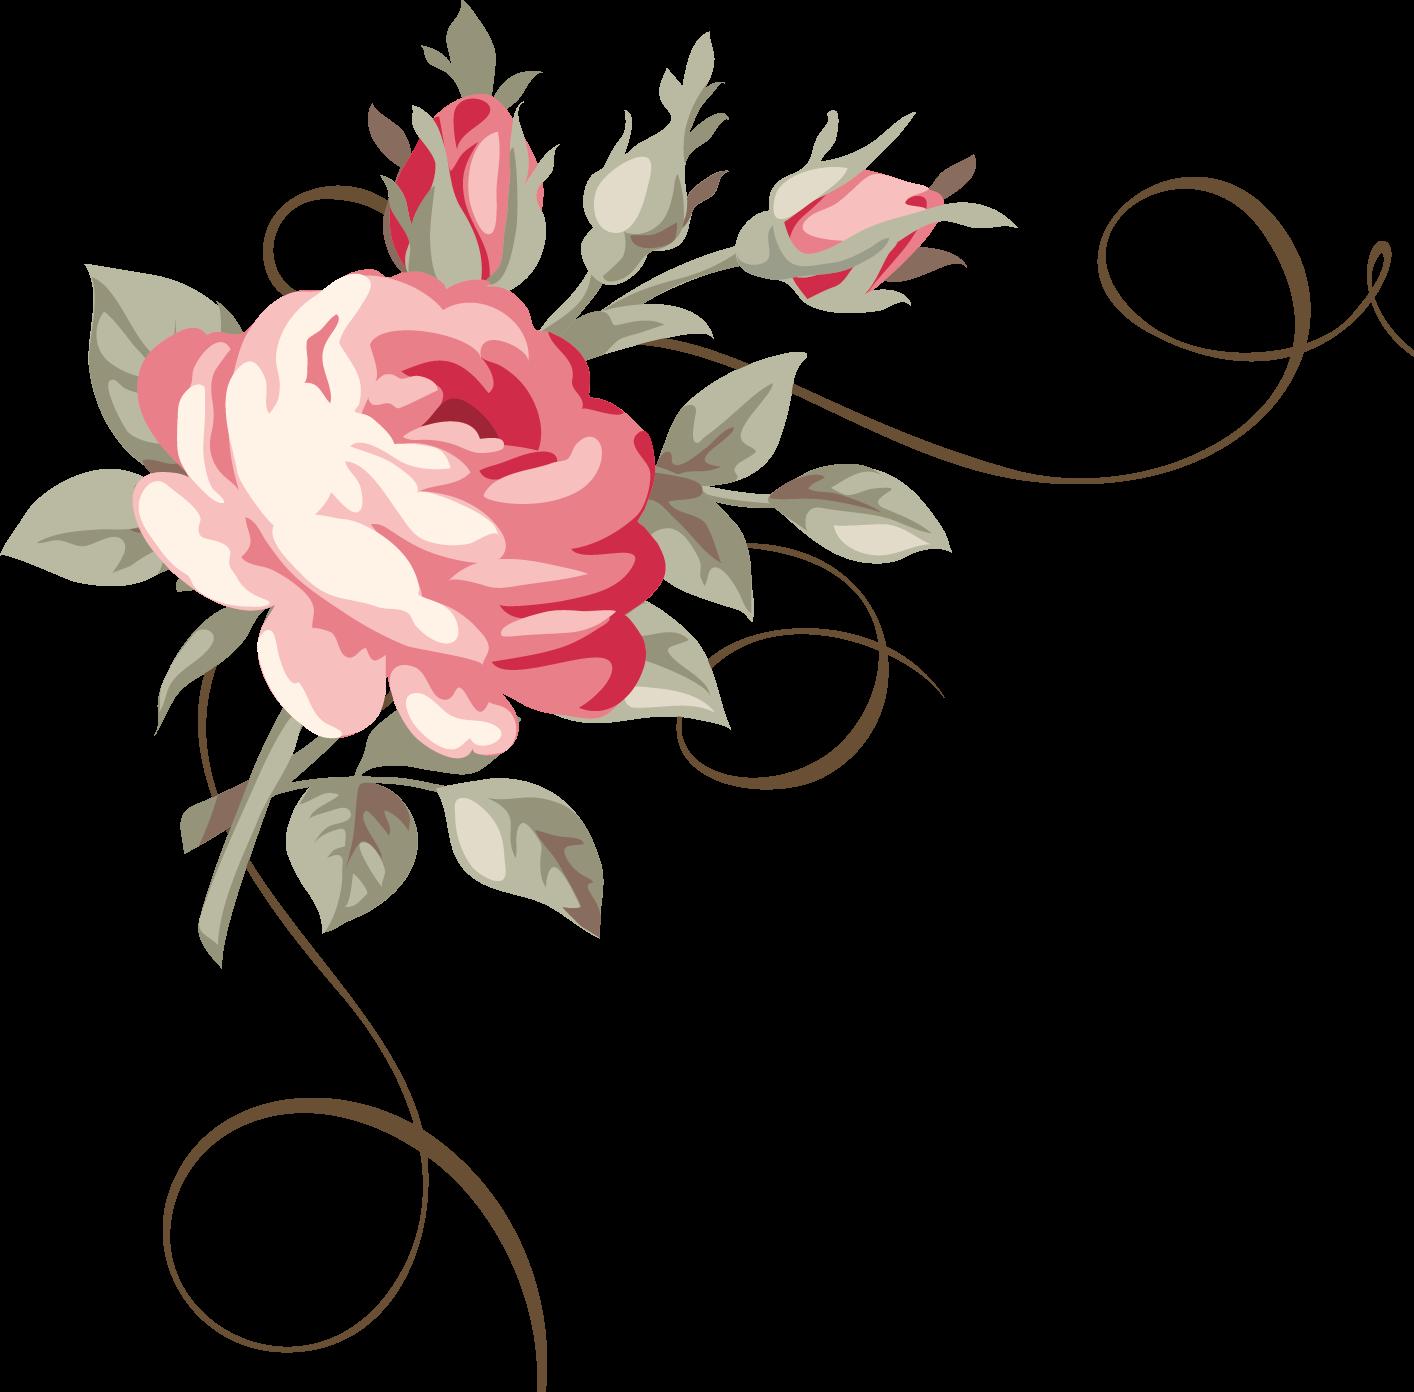 Clipart rose chalkboard. Frames floral em png